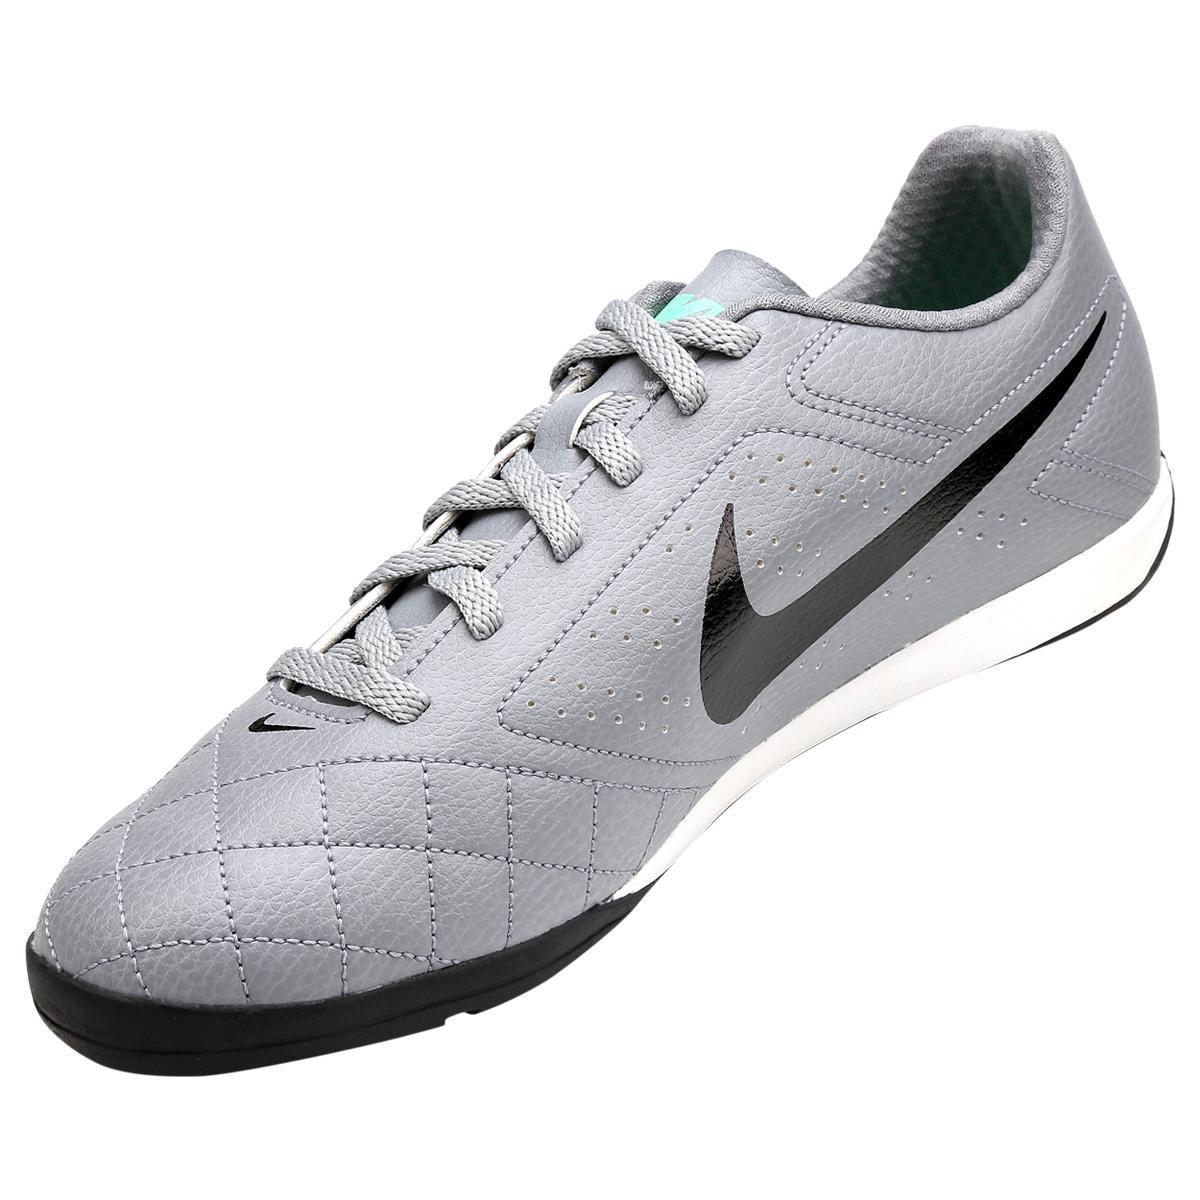 e0ddf0ed2e Chuteira Futsal Nike Beco 2 Futsal - Chumbo e Cinza - Compre Agora ...